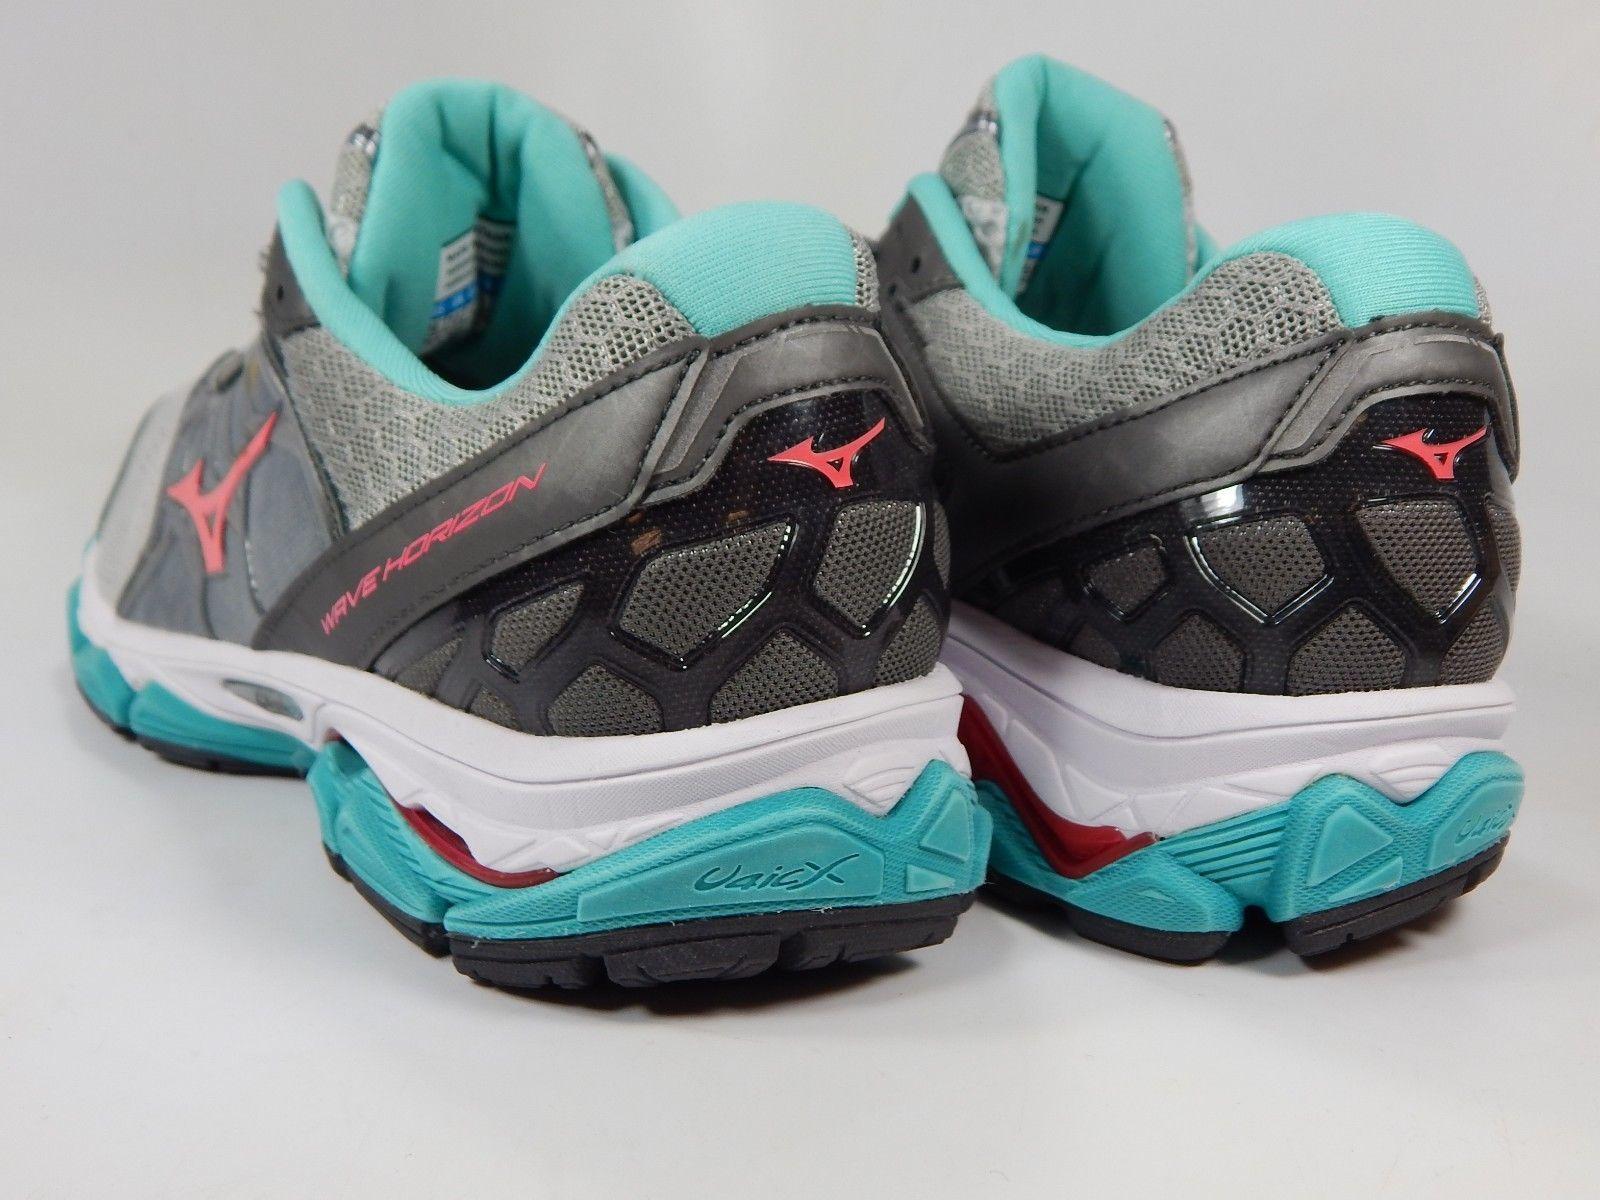 Mizuno Wave Horizon Size US 10 M (B) EU 41 Women's Running Shoes Gray Silver